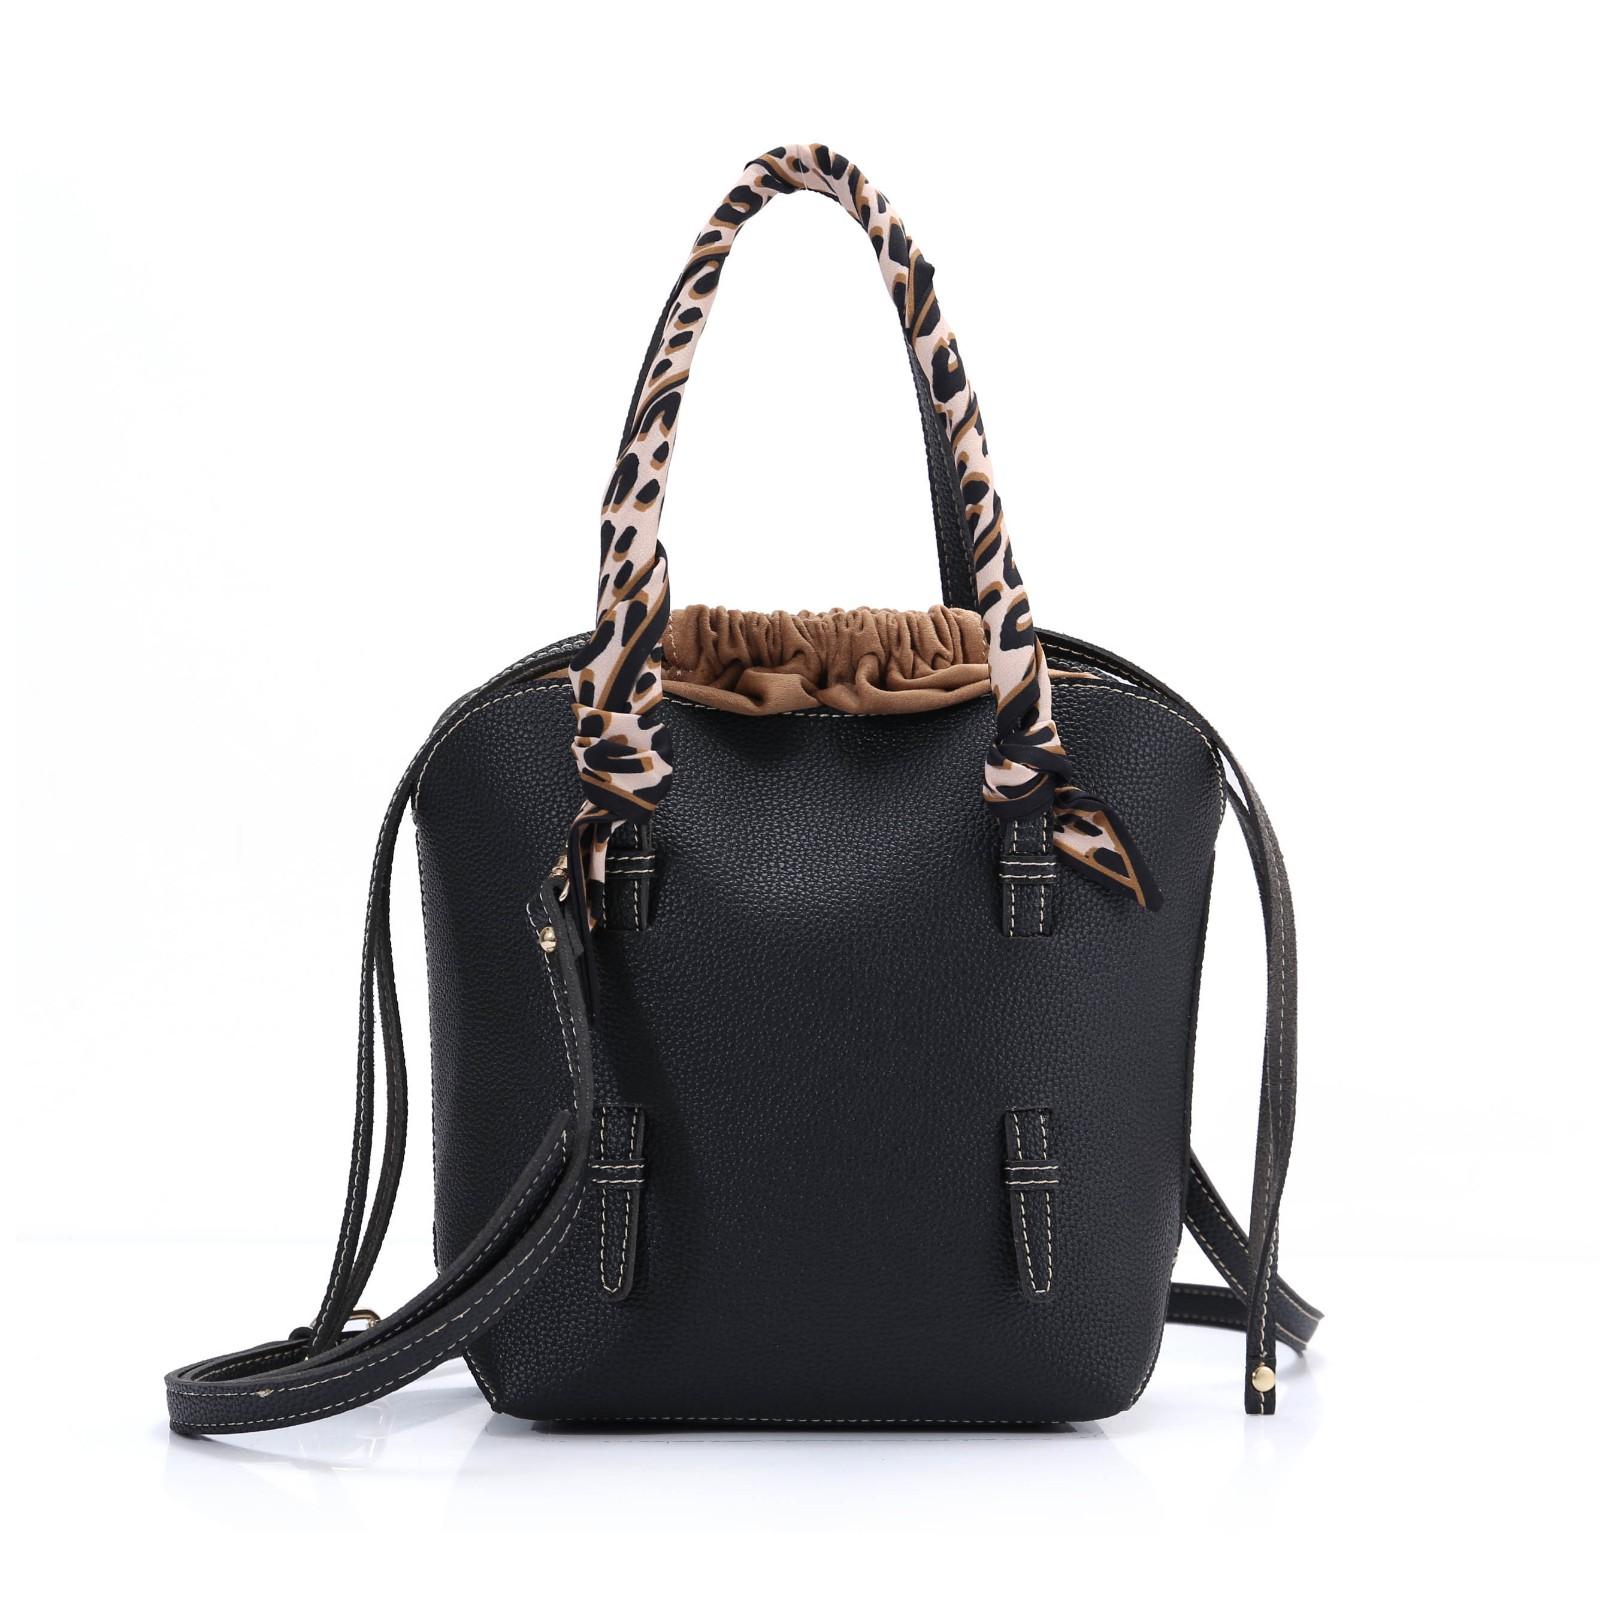 generous pu shoulder bag bag on sale for work-5